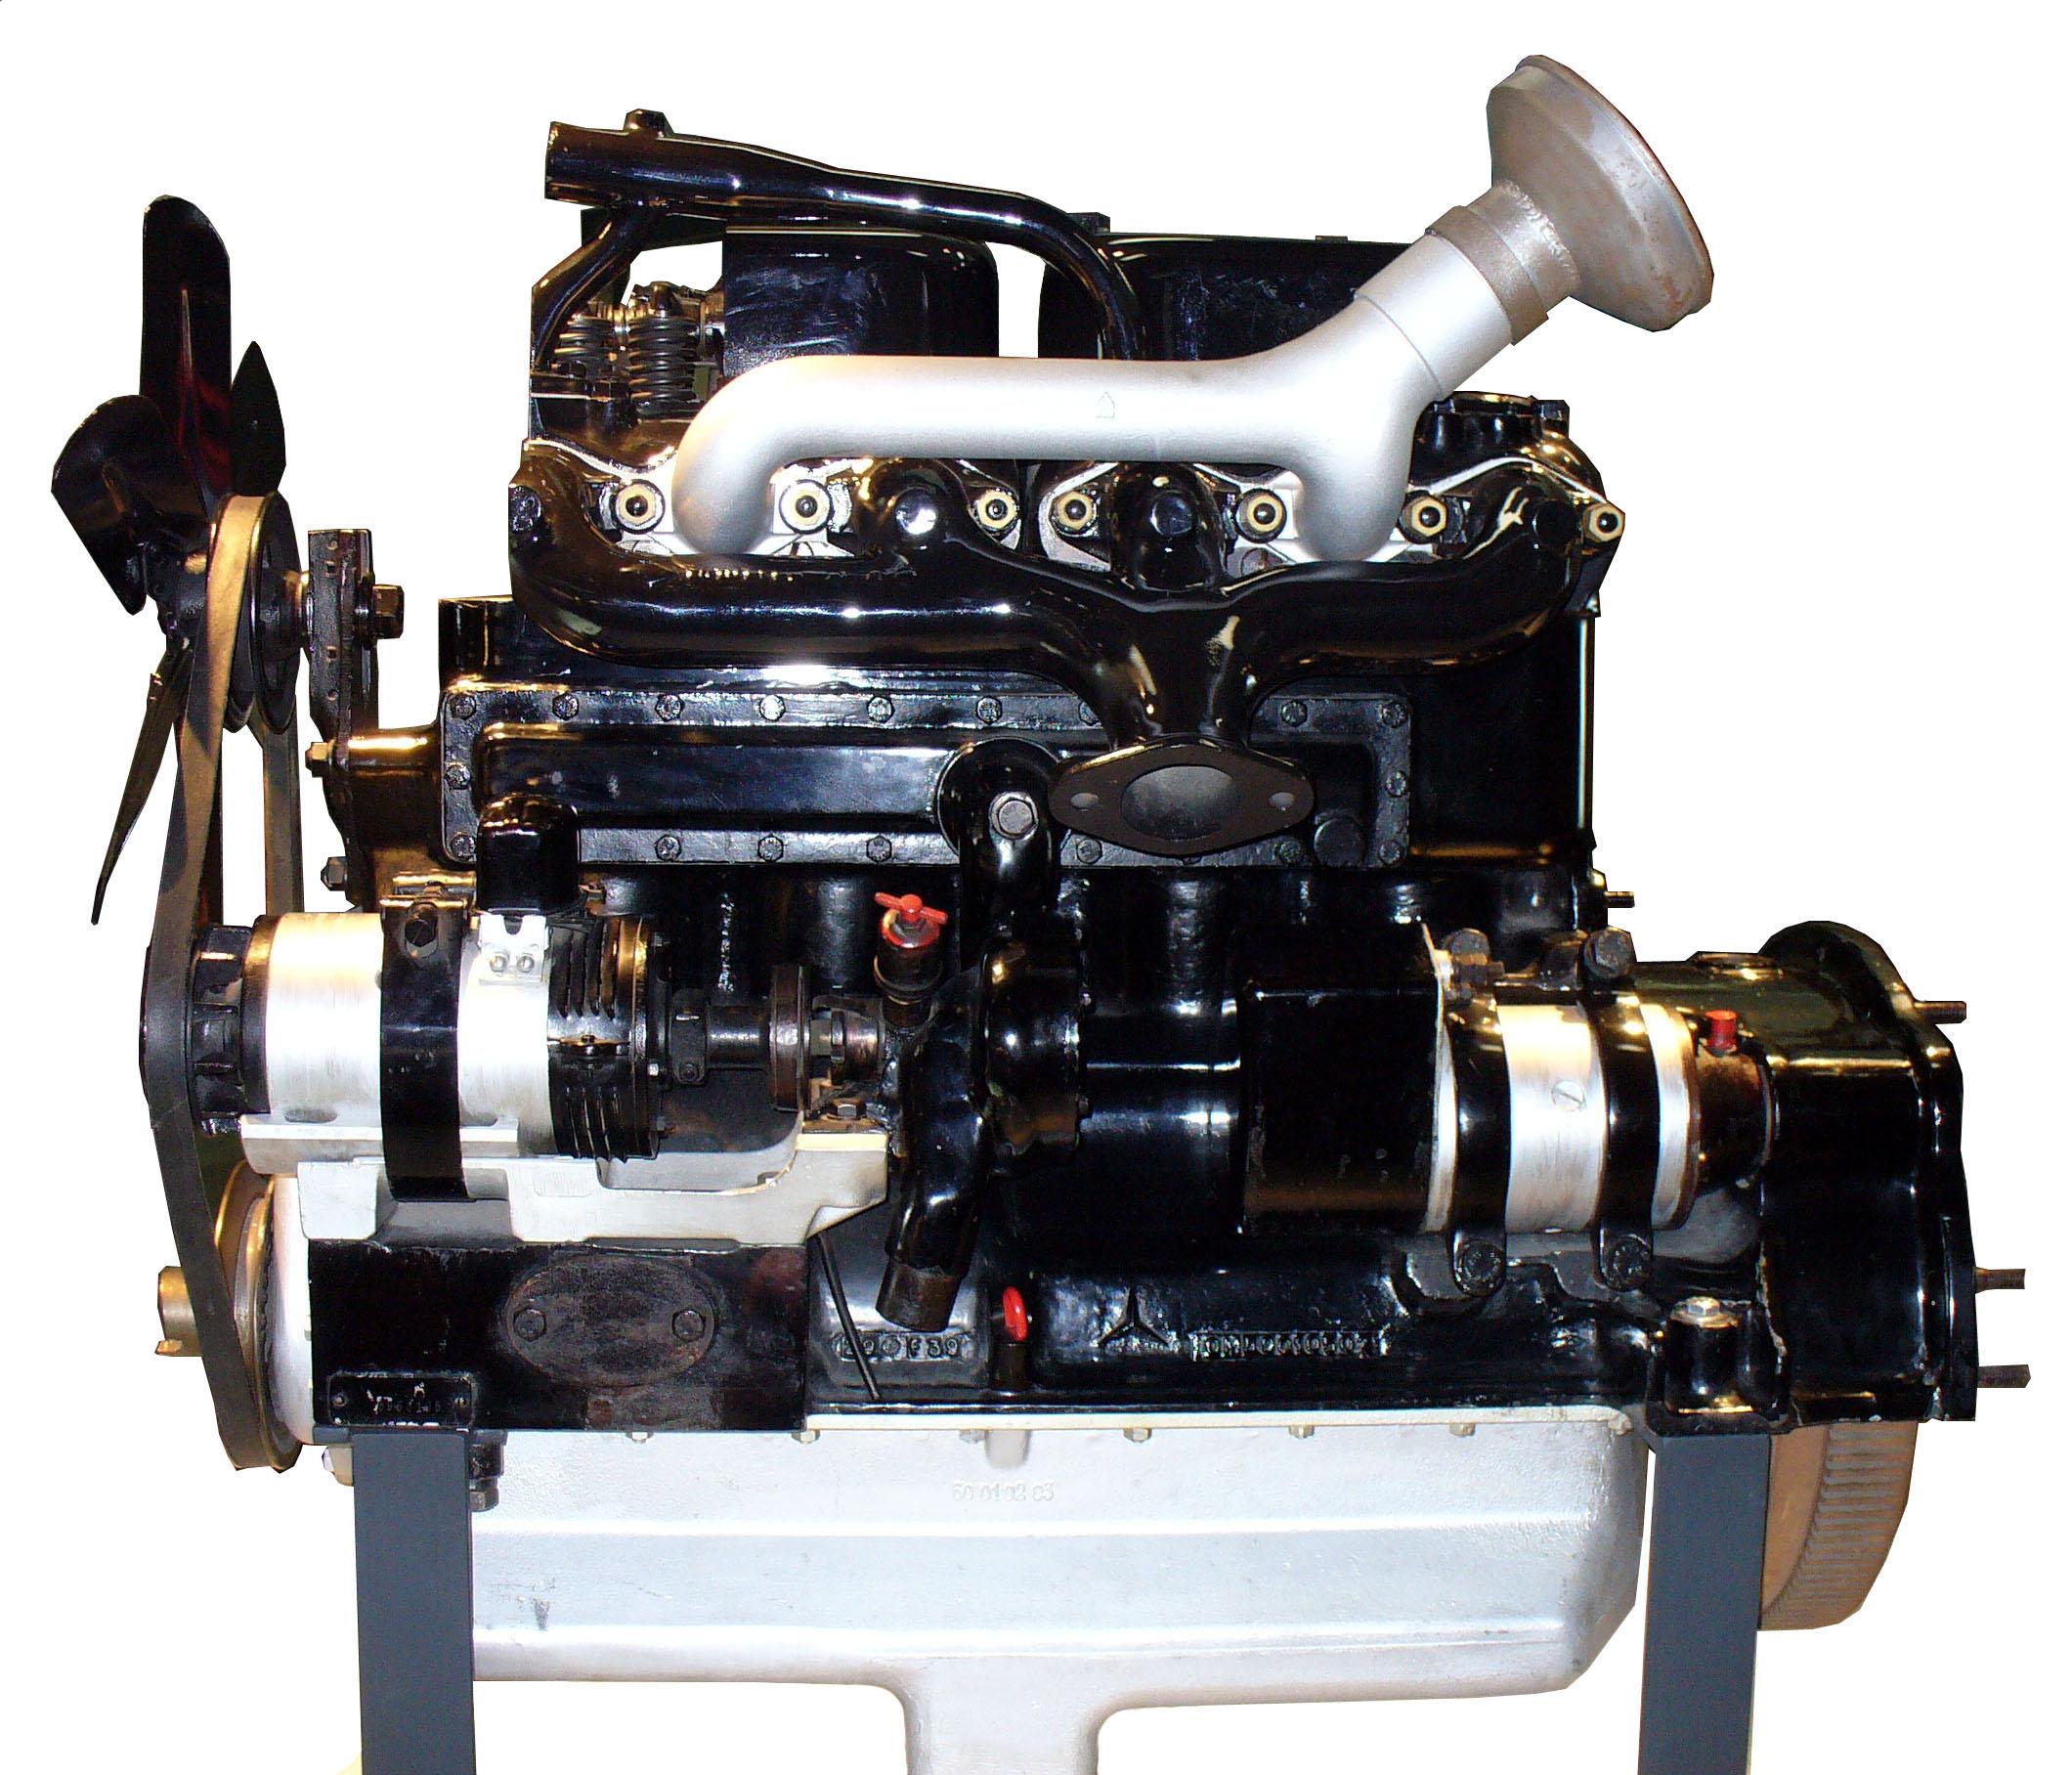 Blick auf die Krümmerseite des Schnittmodelles eines Mercedes Benz Diesel Motors OM59